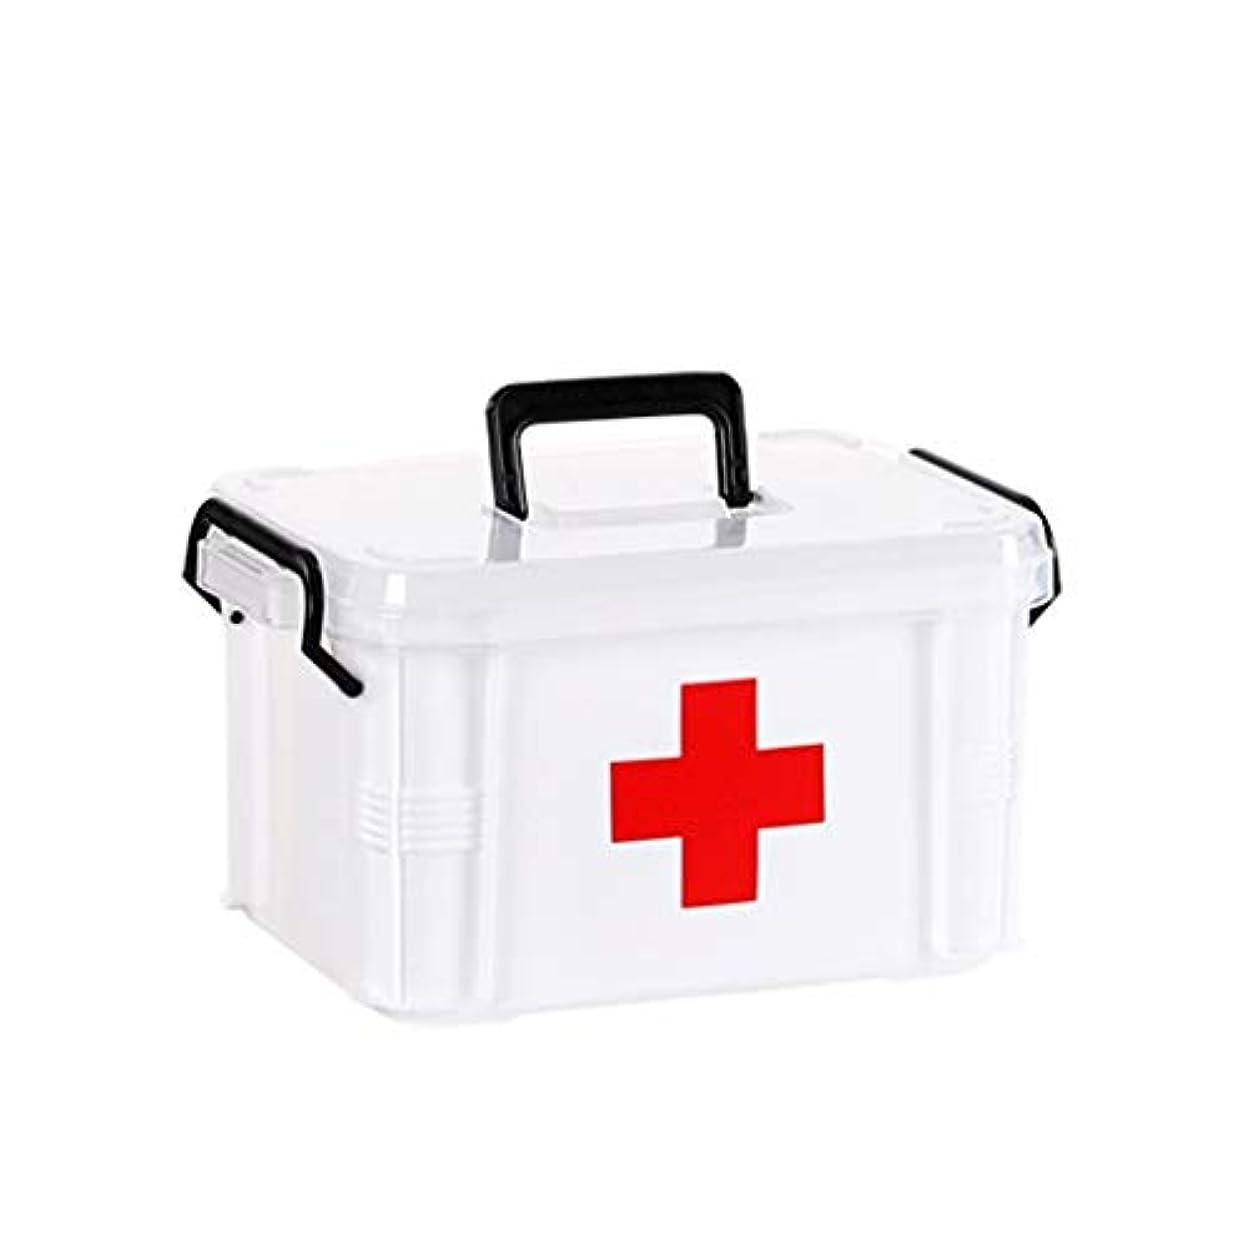 納得させる文献お手伝いさん薬箱白、プラスチック、大、小、応急処置キット、家庭用薬大容量収納ボックス HUXIUPING (Size : S)